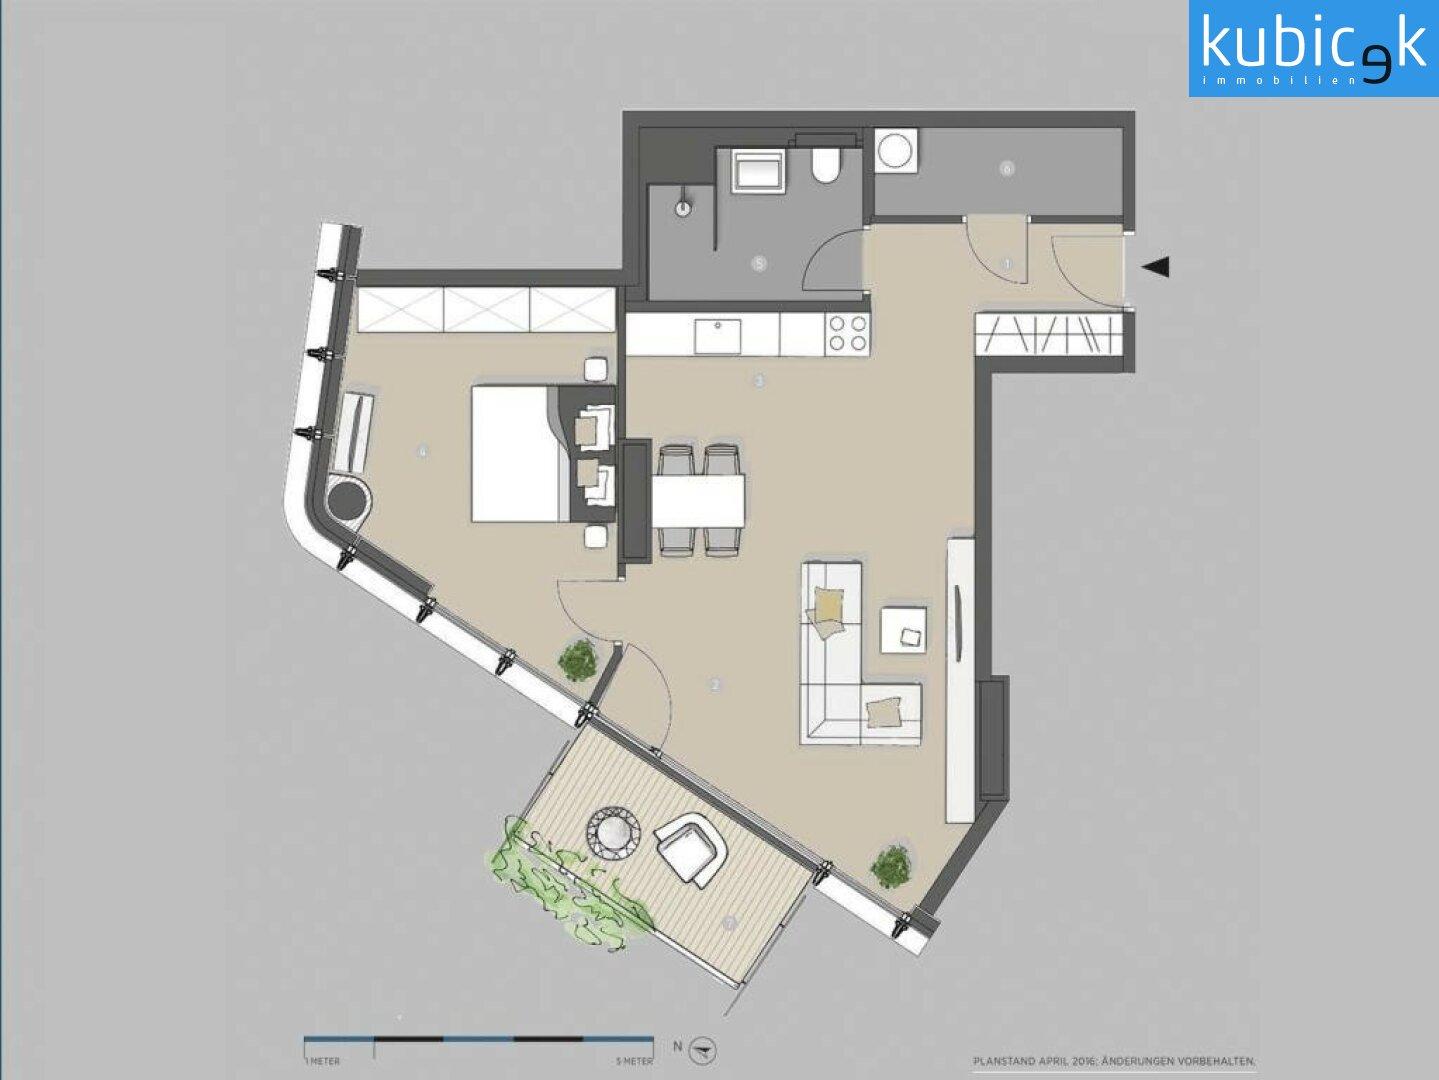 Grundrissplan 2-Zimmer-Wohnung